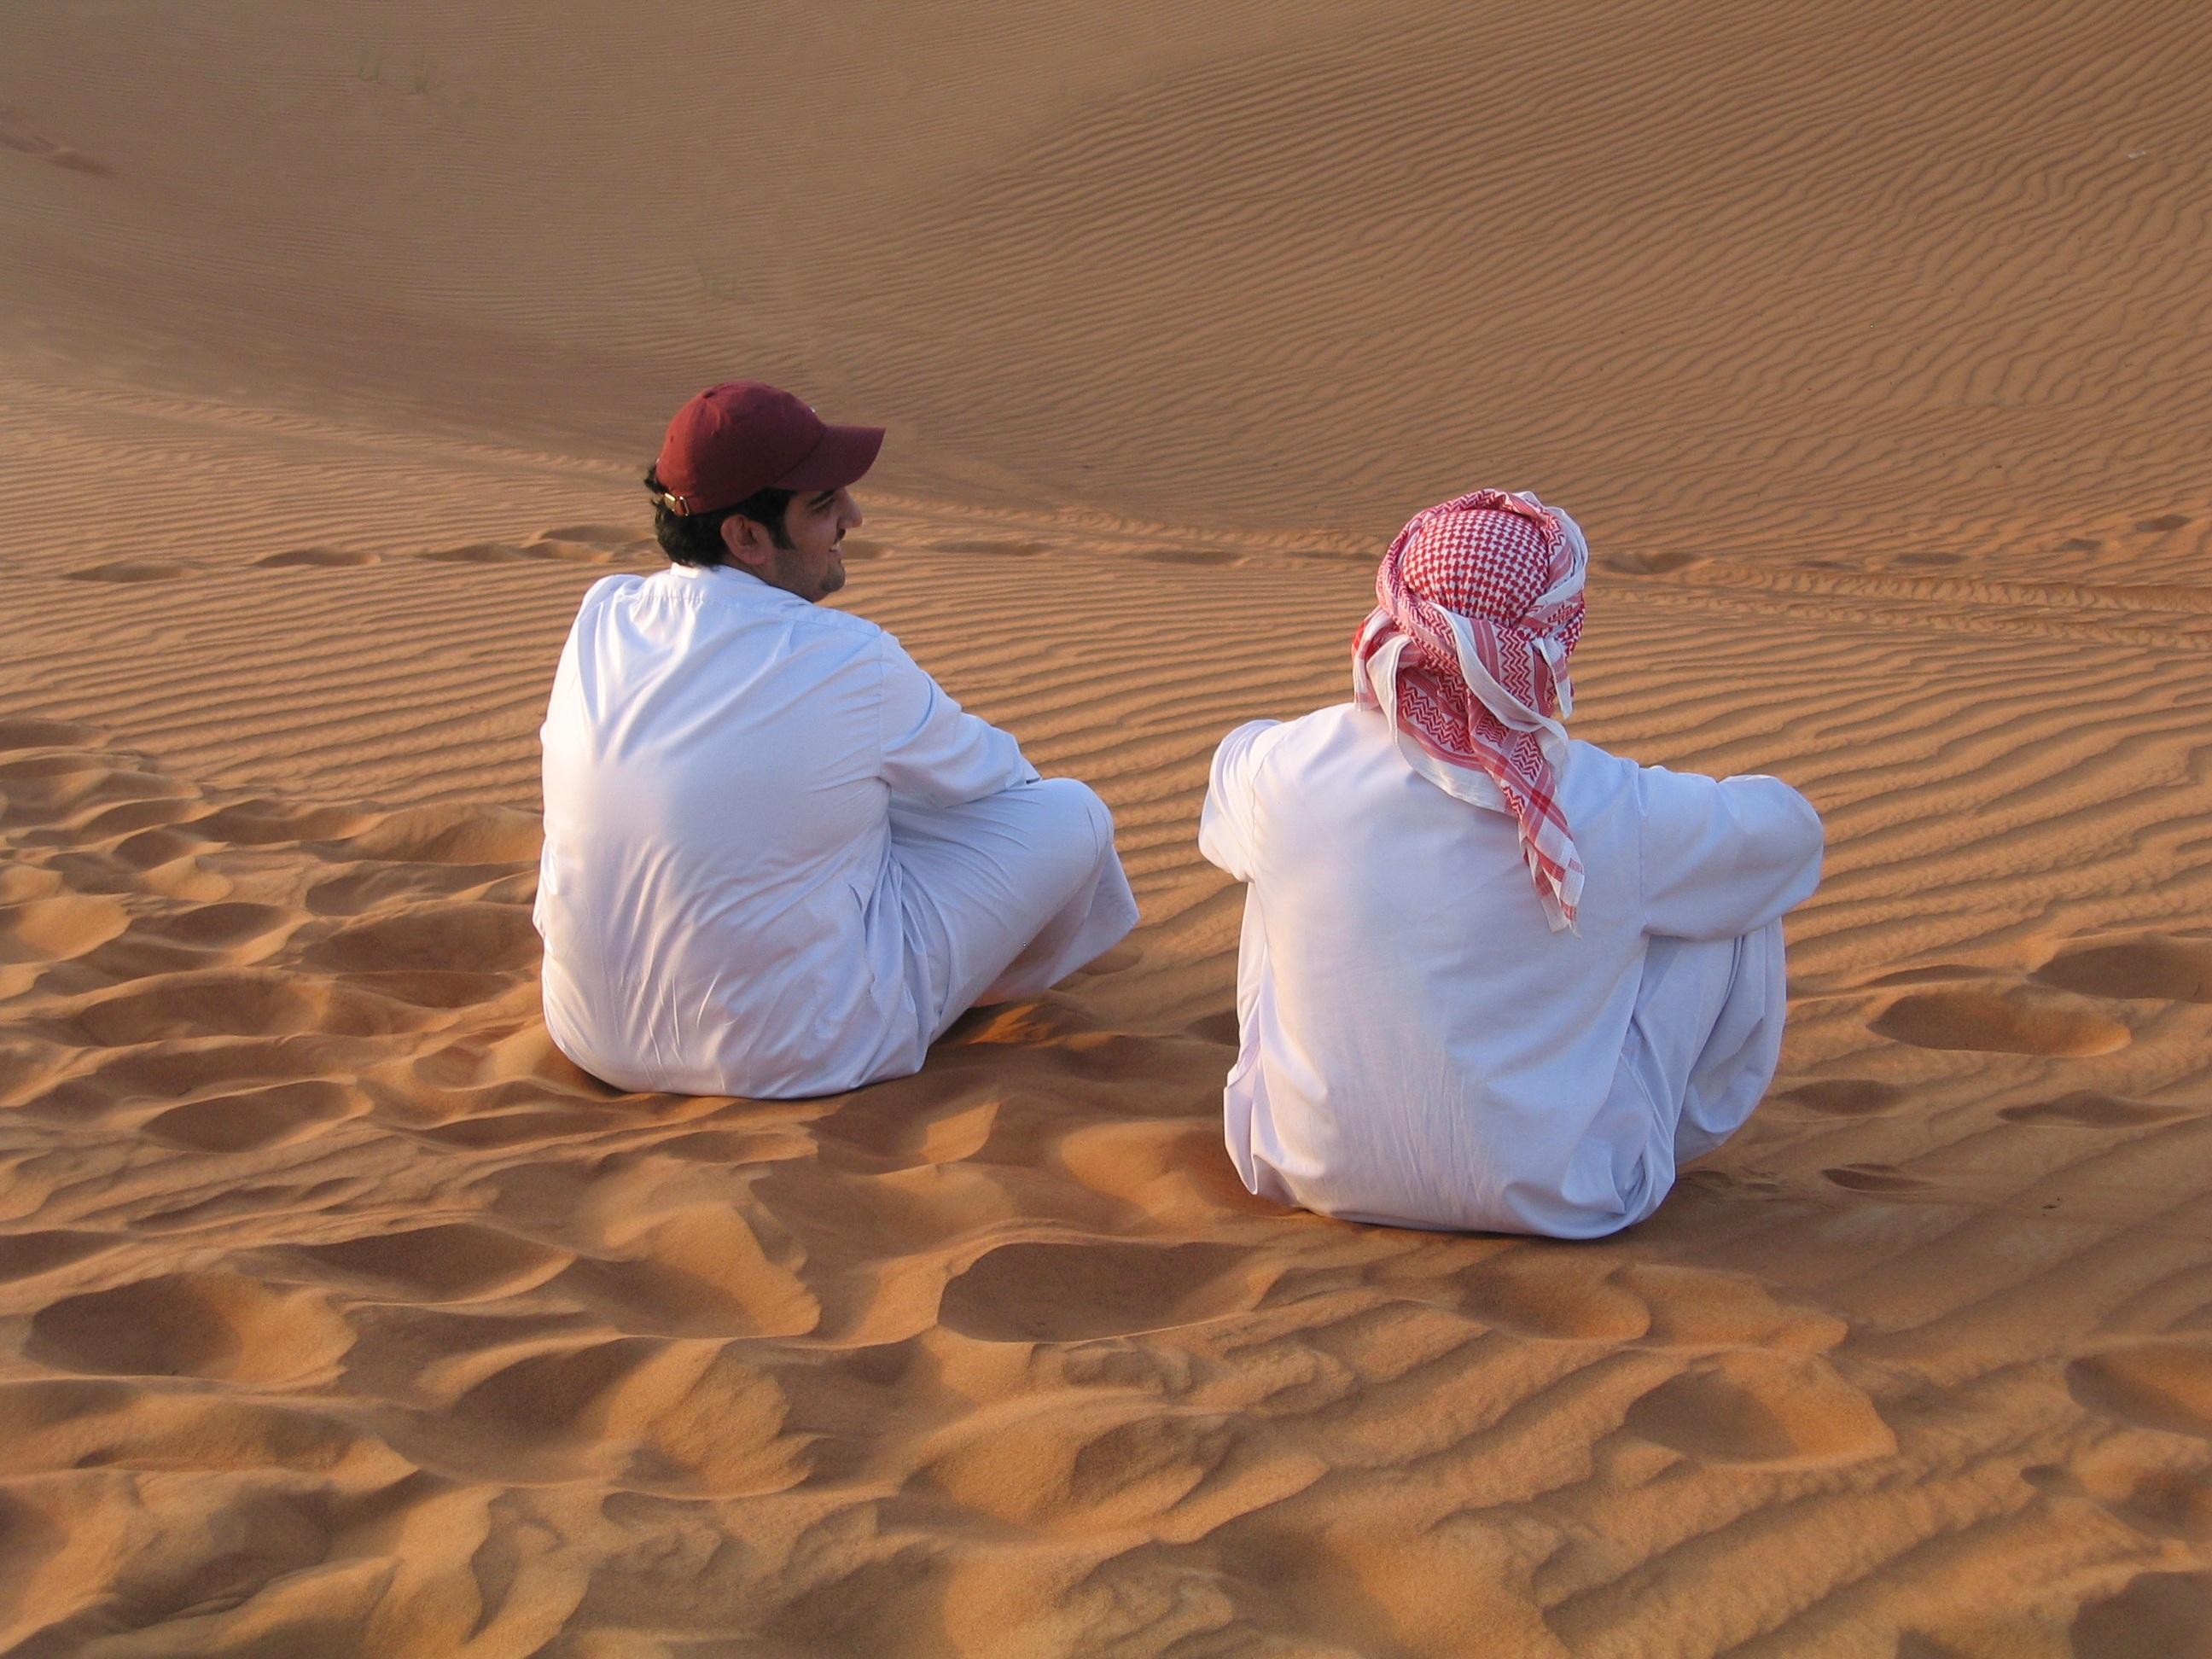 арабские фото картинки сублимации позволяет получить